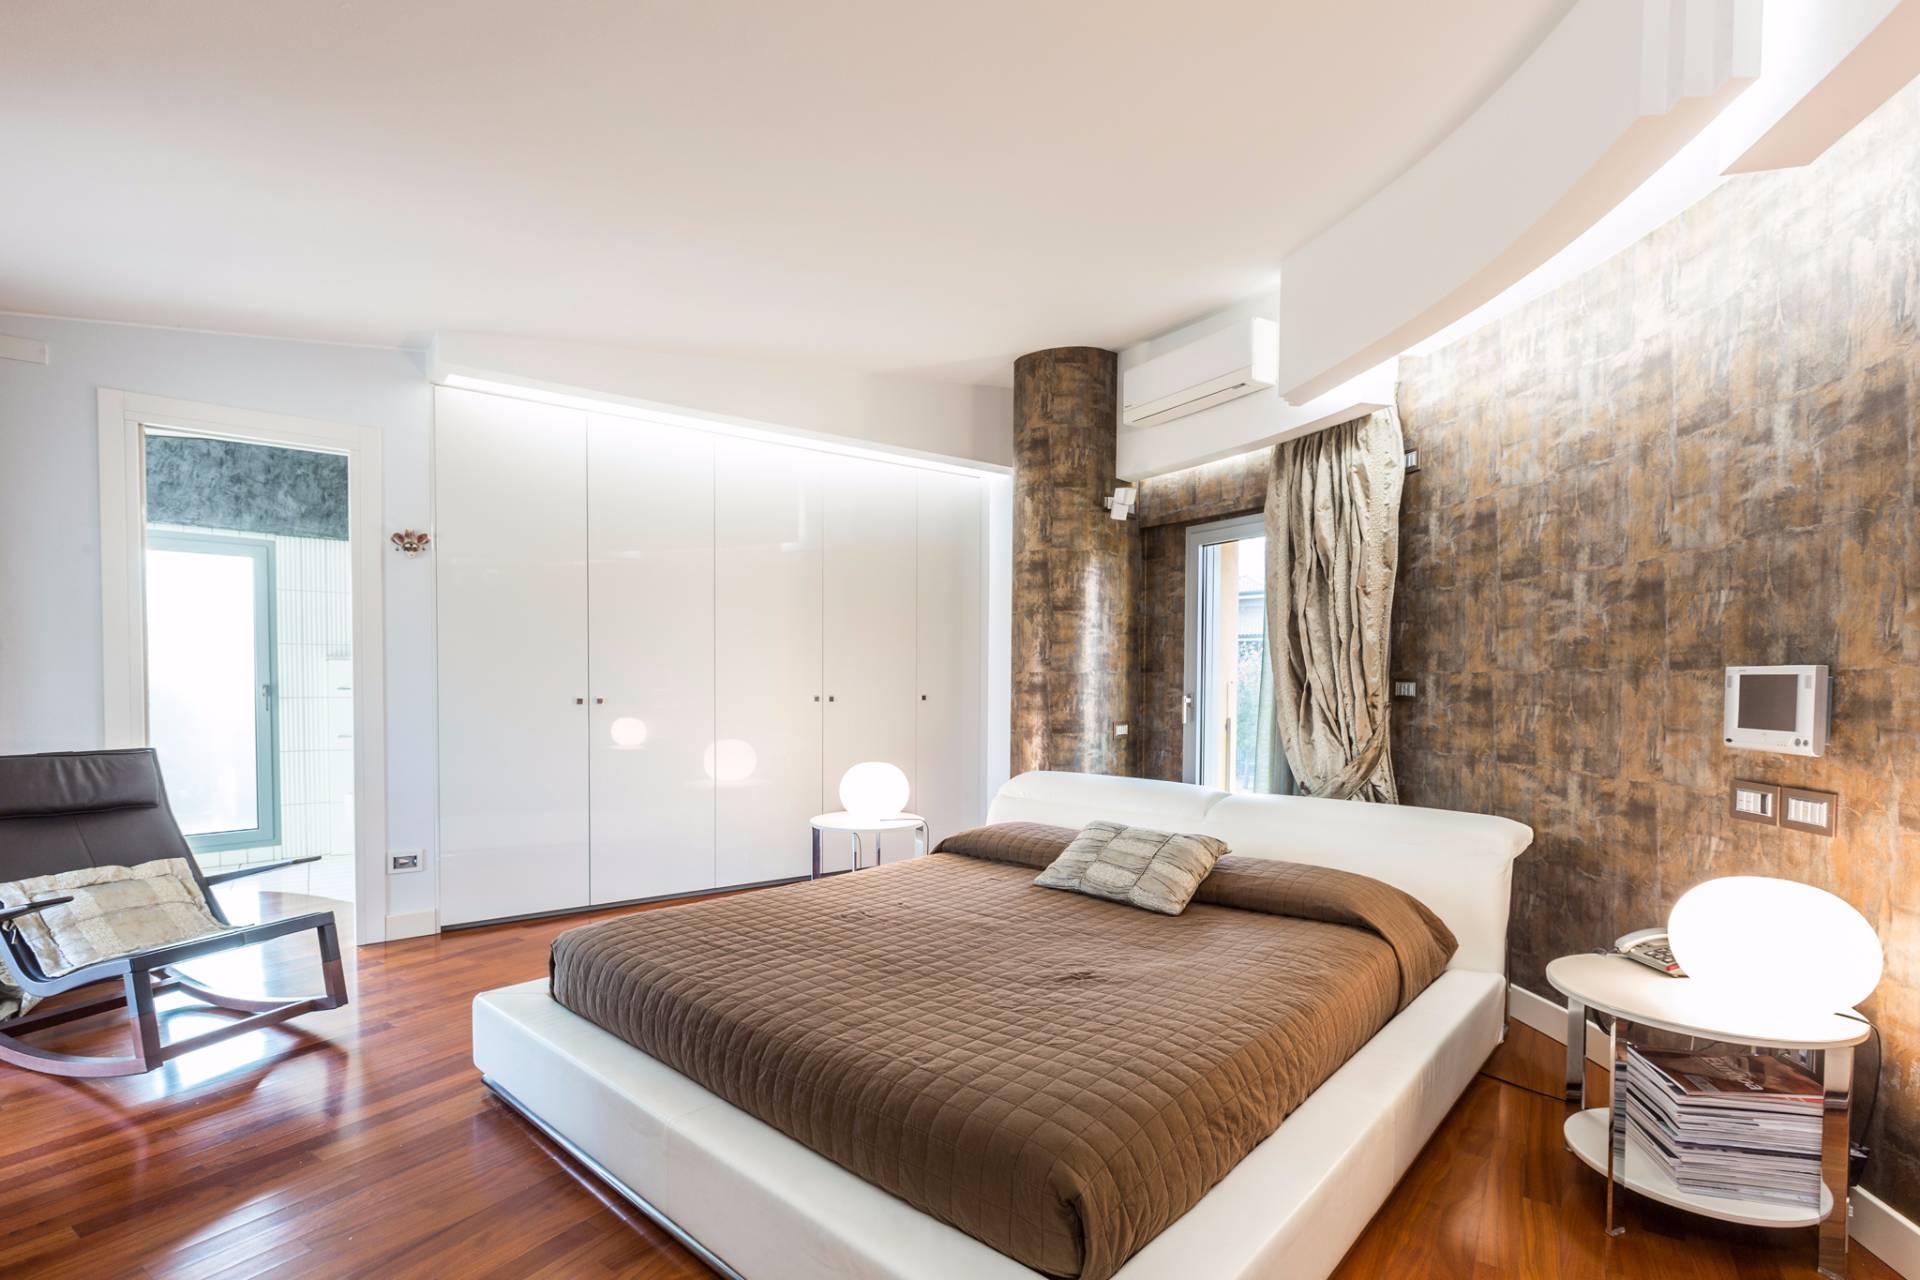 Villa in Vendita a Castel San Pietro Terme: 5 locali, 460 mq - Foto 23